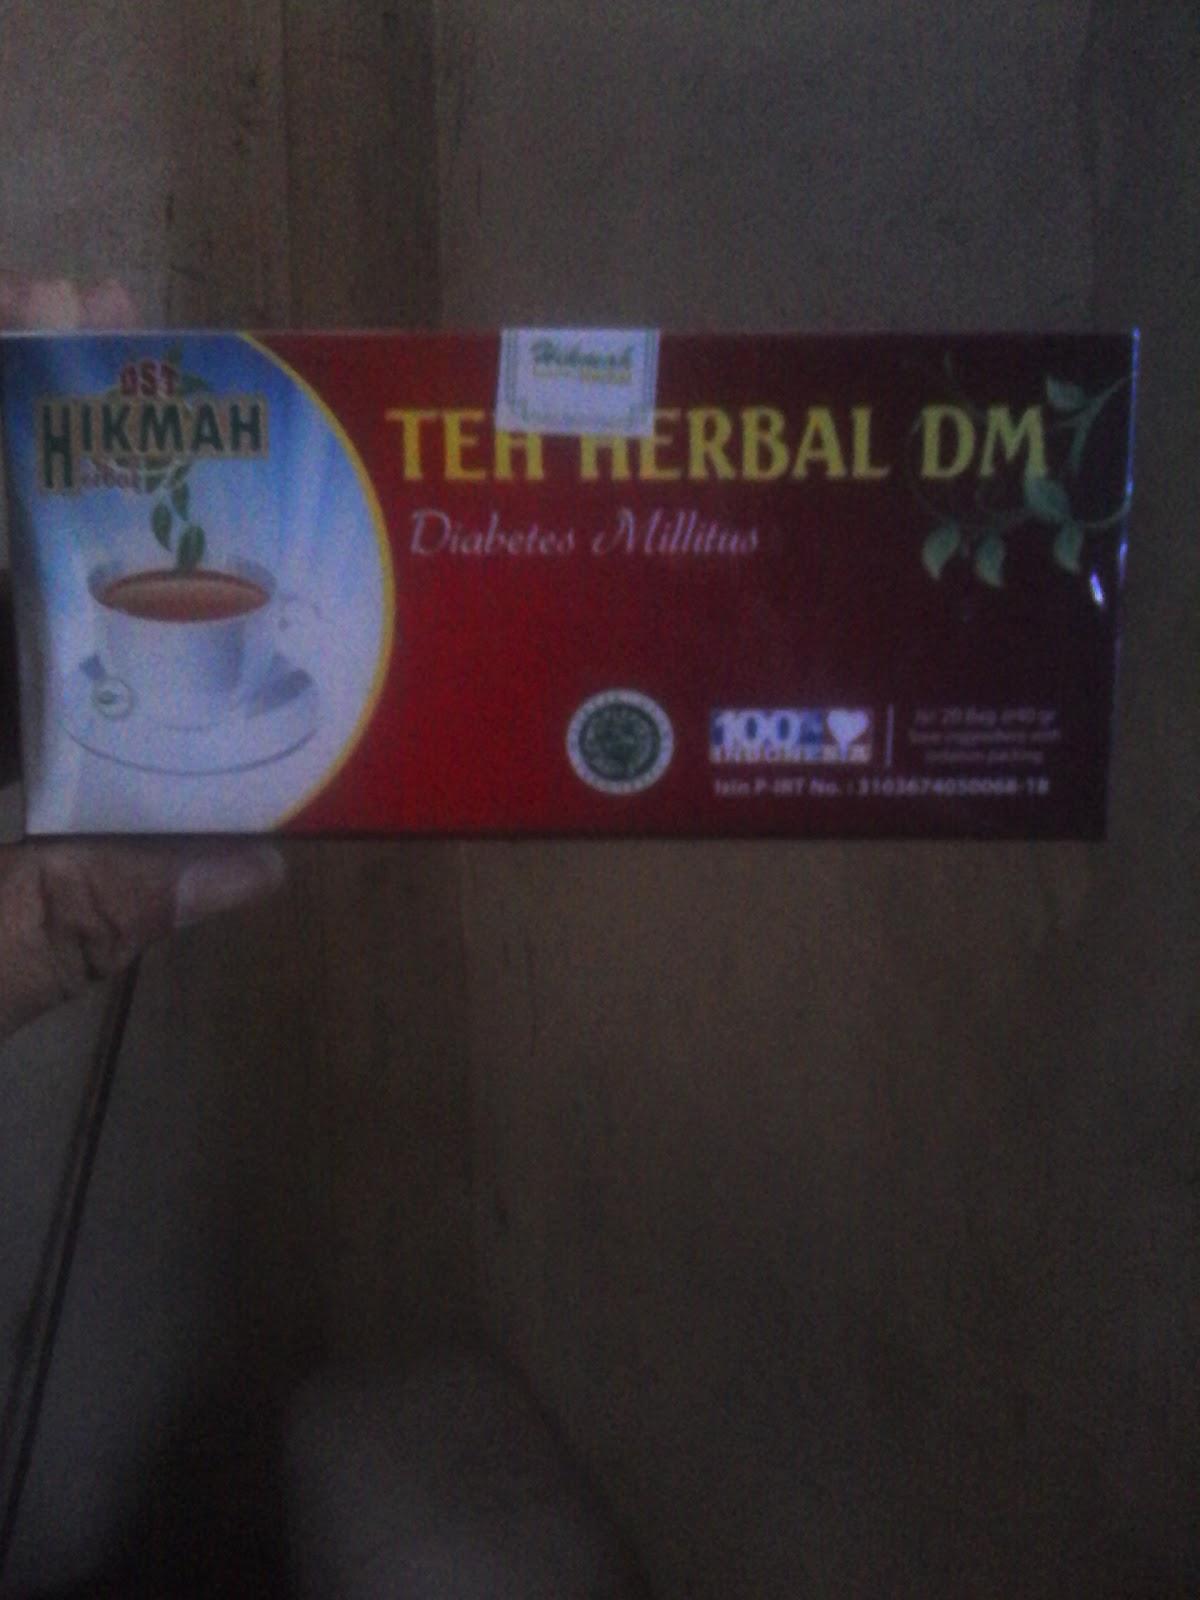 jual teh celup herbal diabetes melitus dm di surabaya